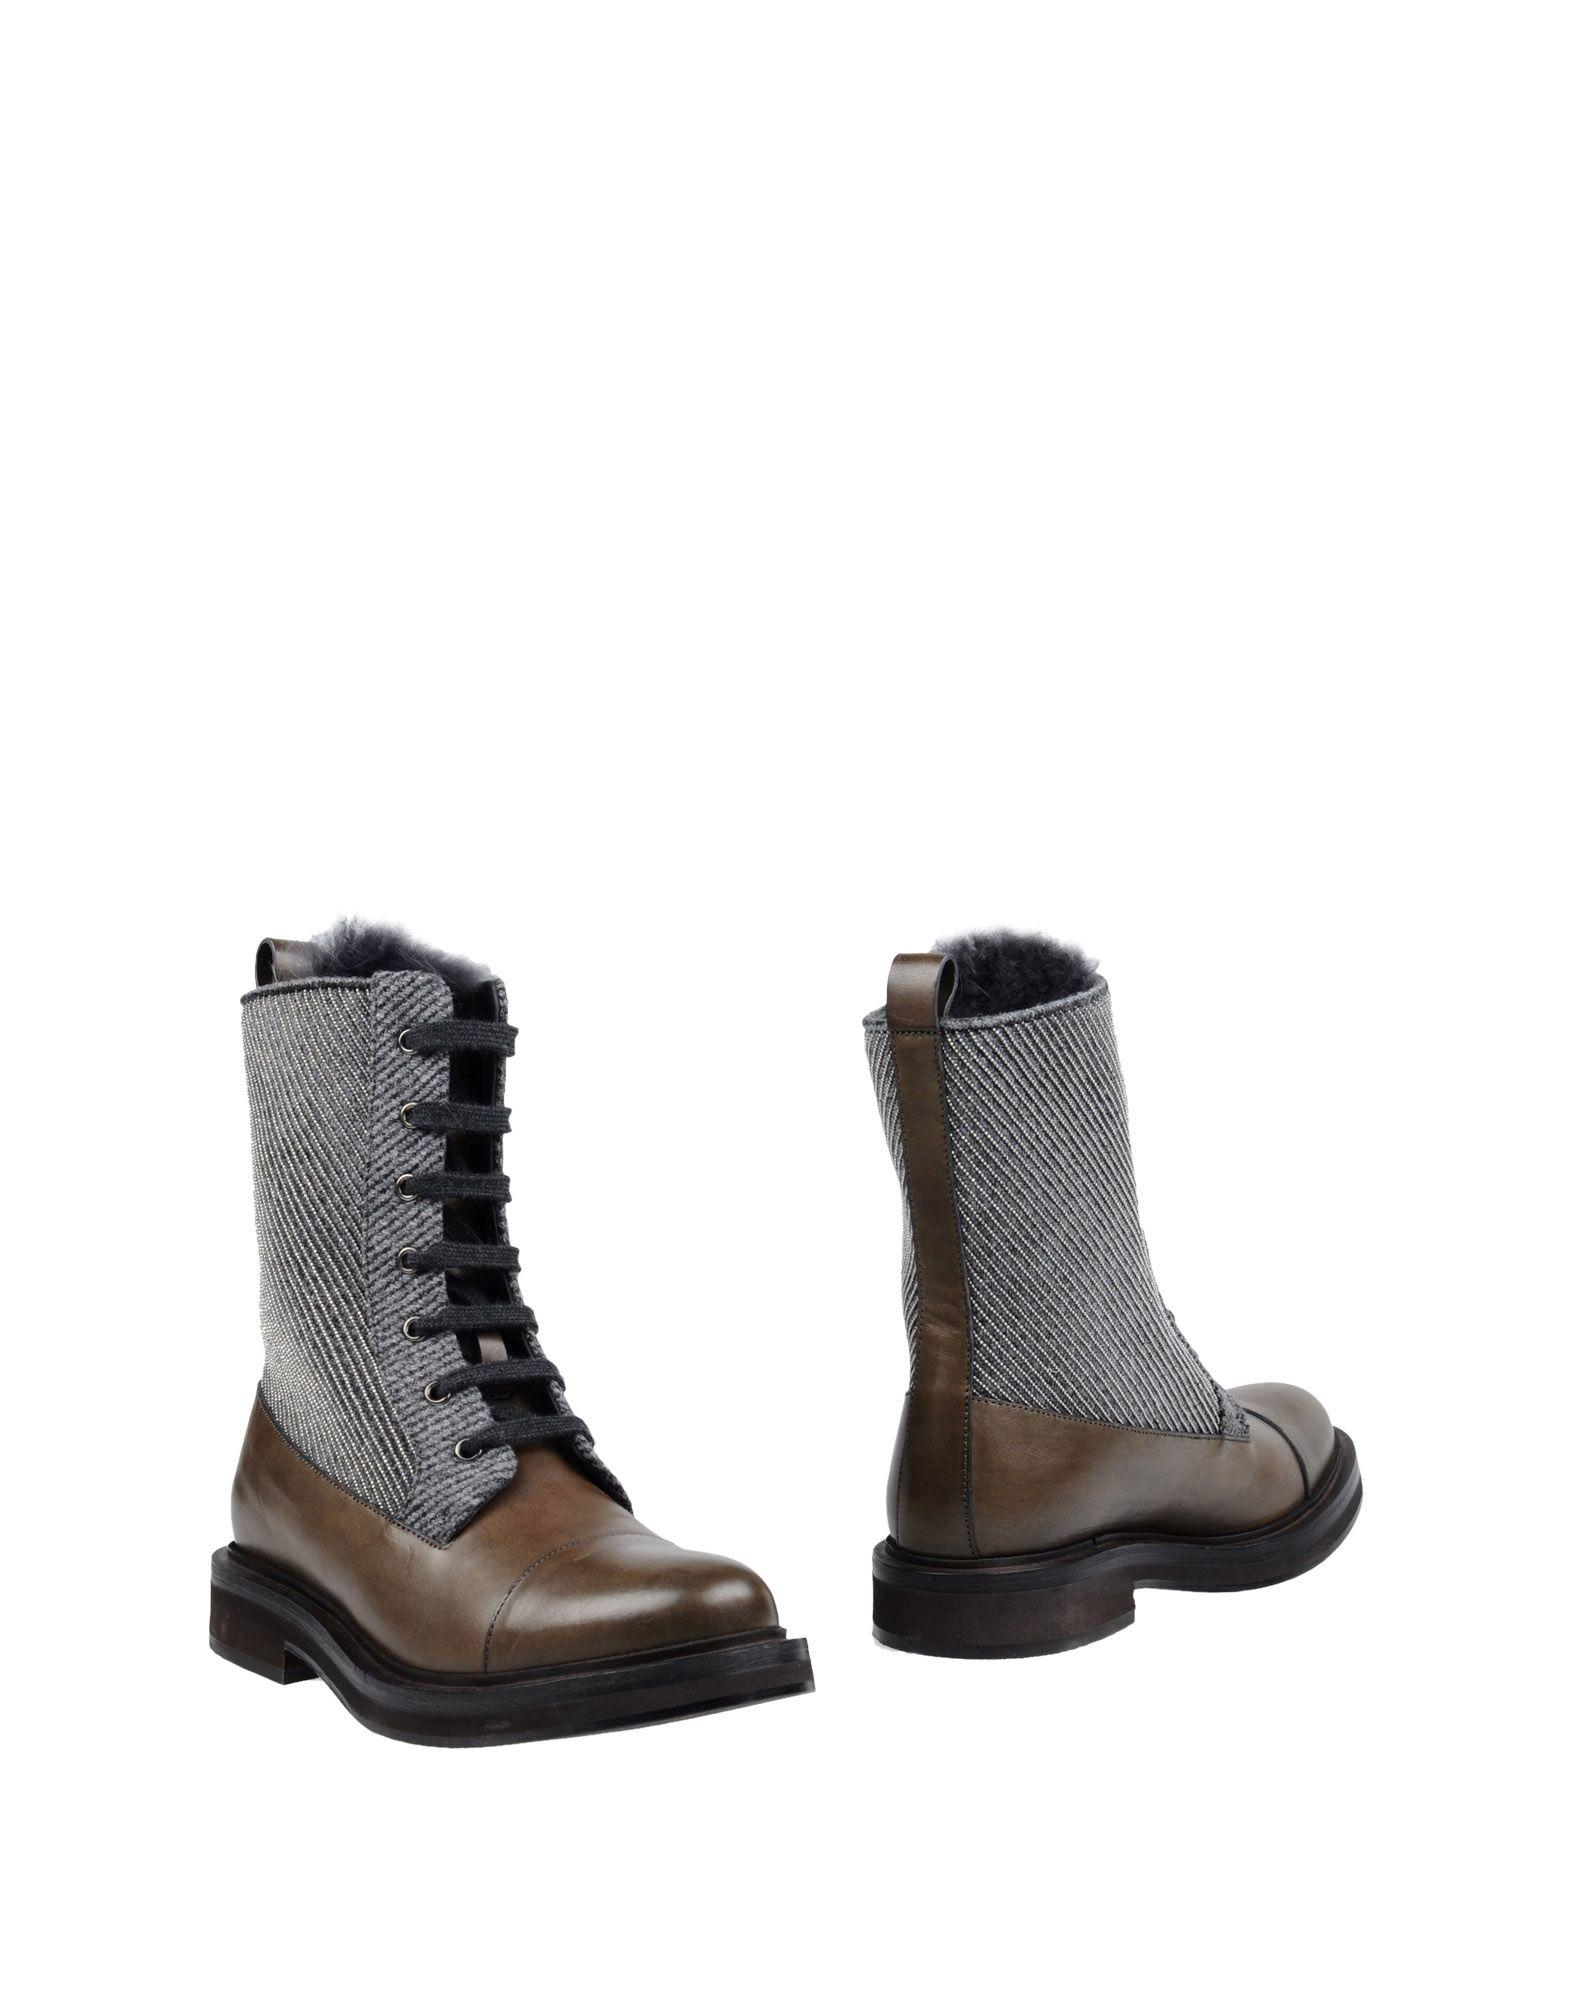 Brunello Cucinelli Stiefelette Damen  11220973CWGünstige gut aussehende Schuhe